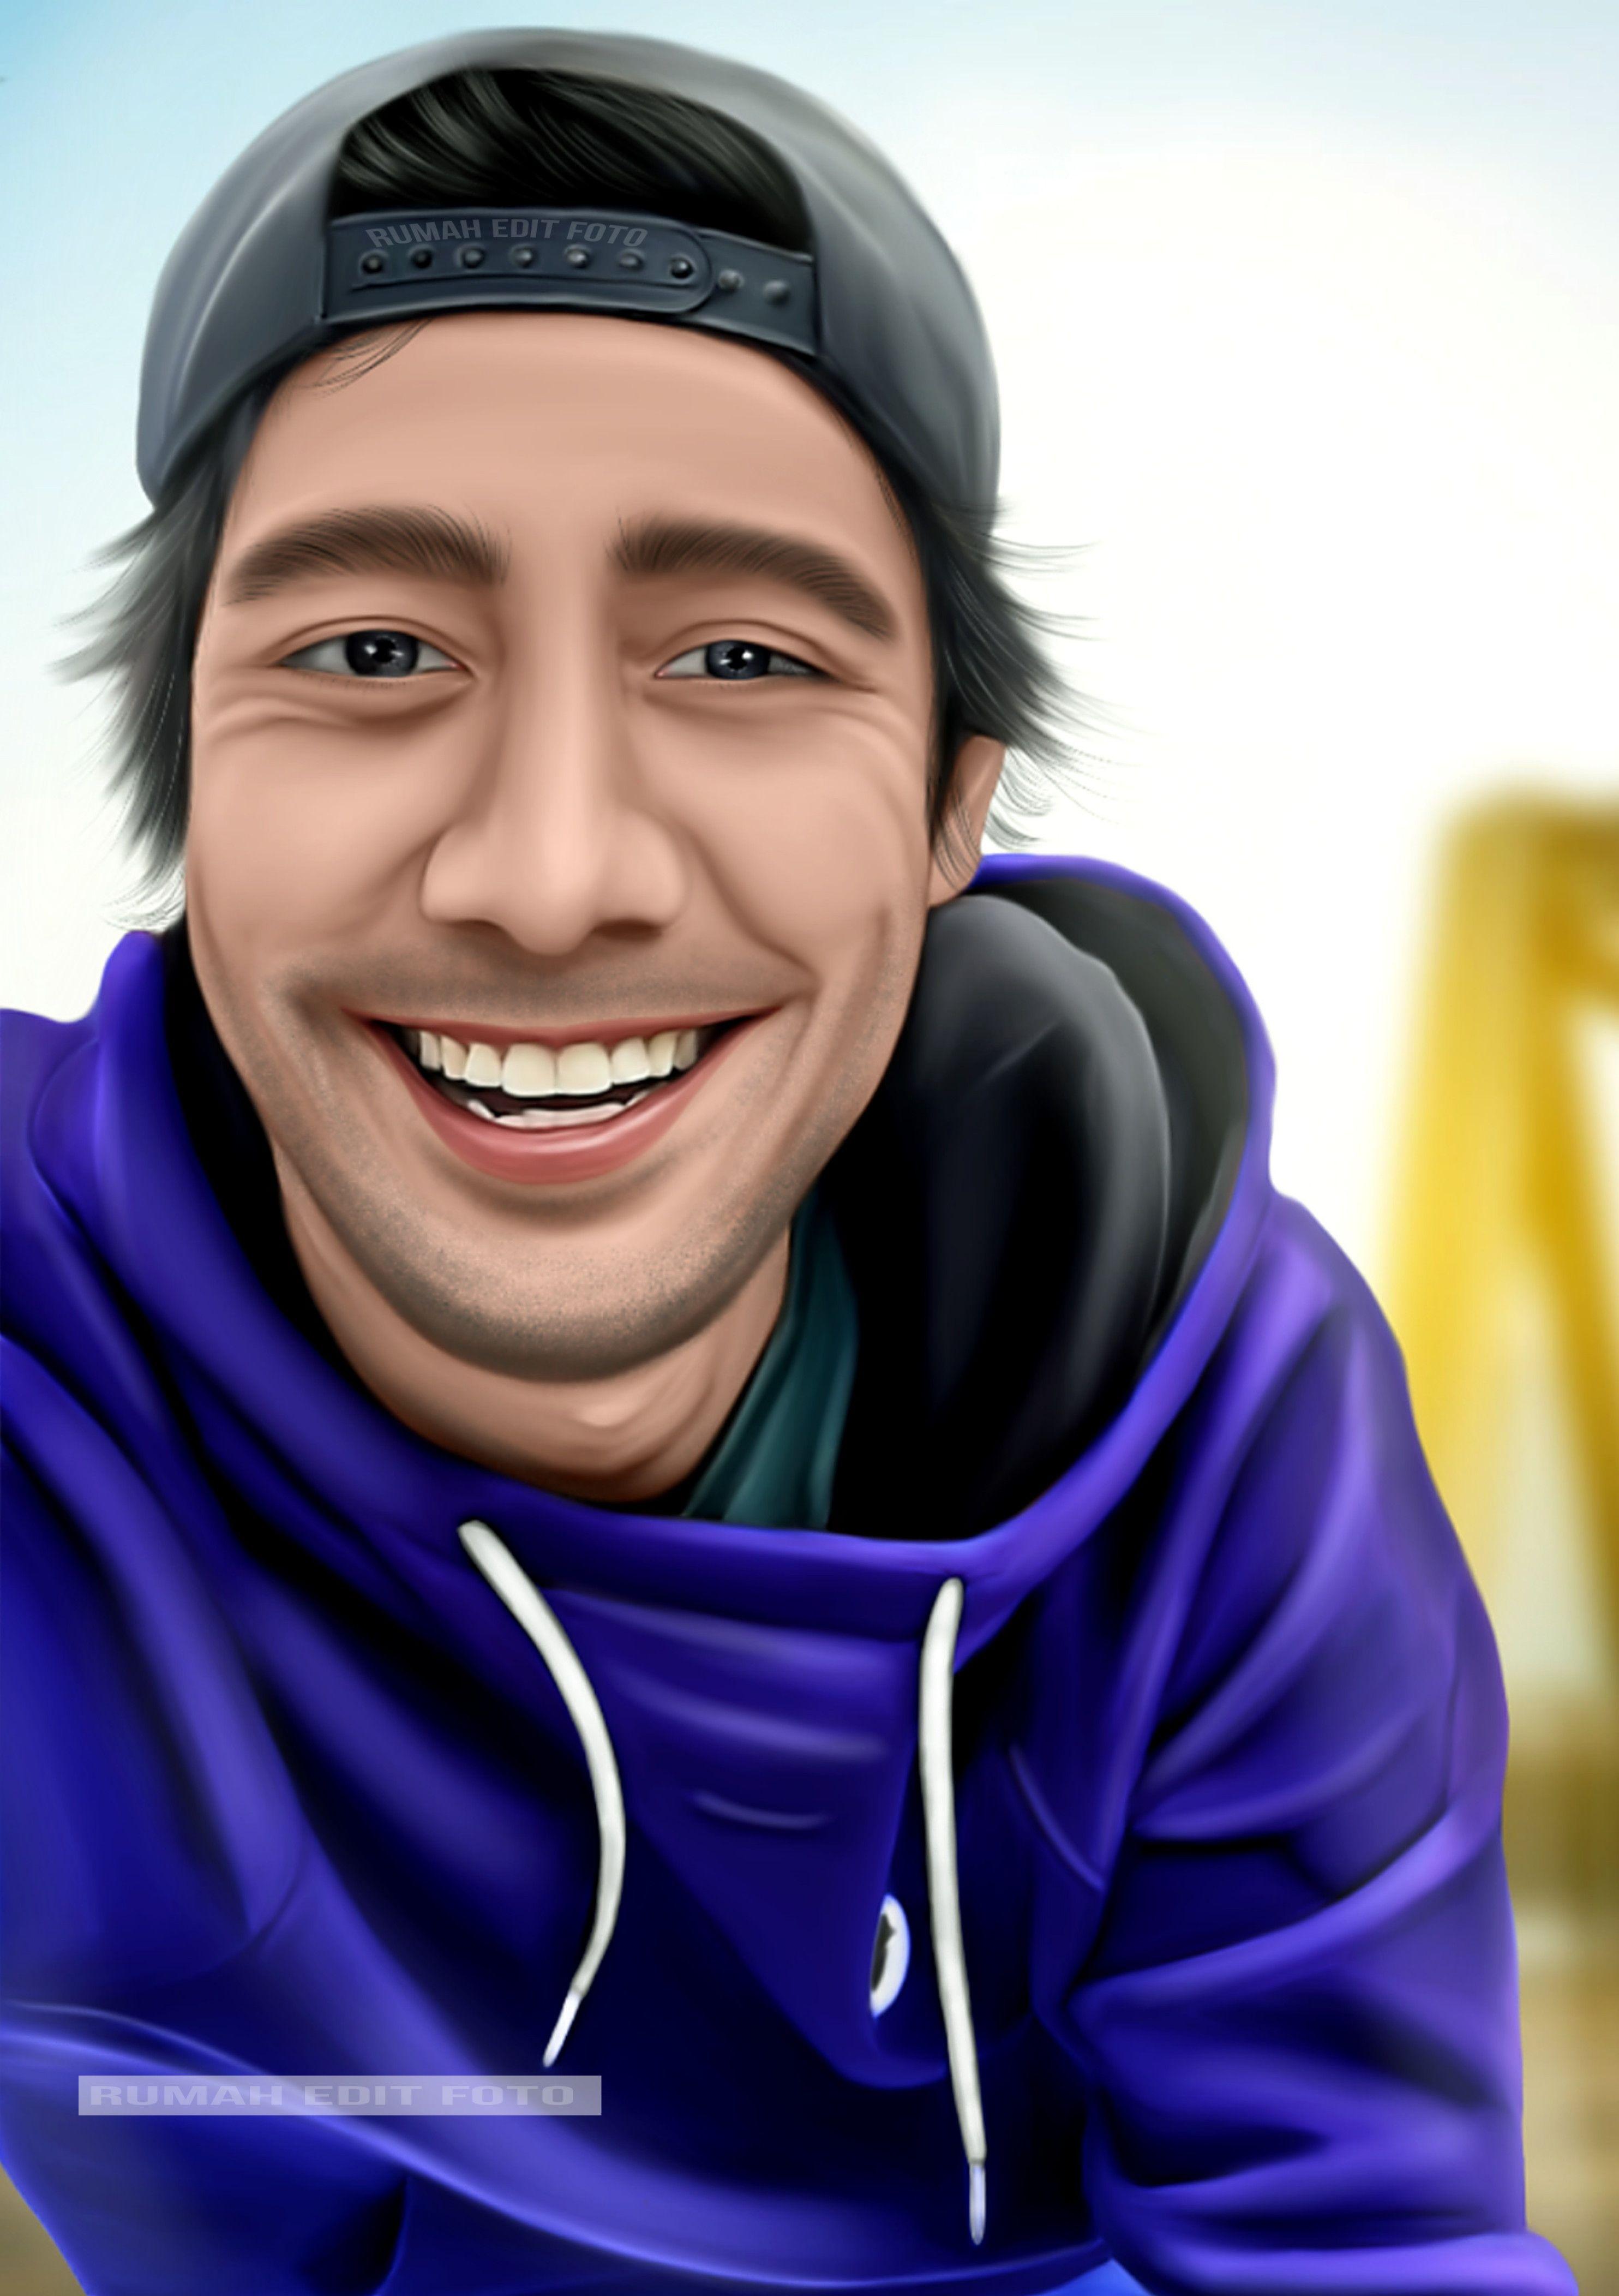 Edit foto kartun keren dengan android Kartun, Pengeditan